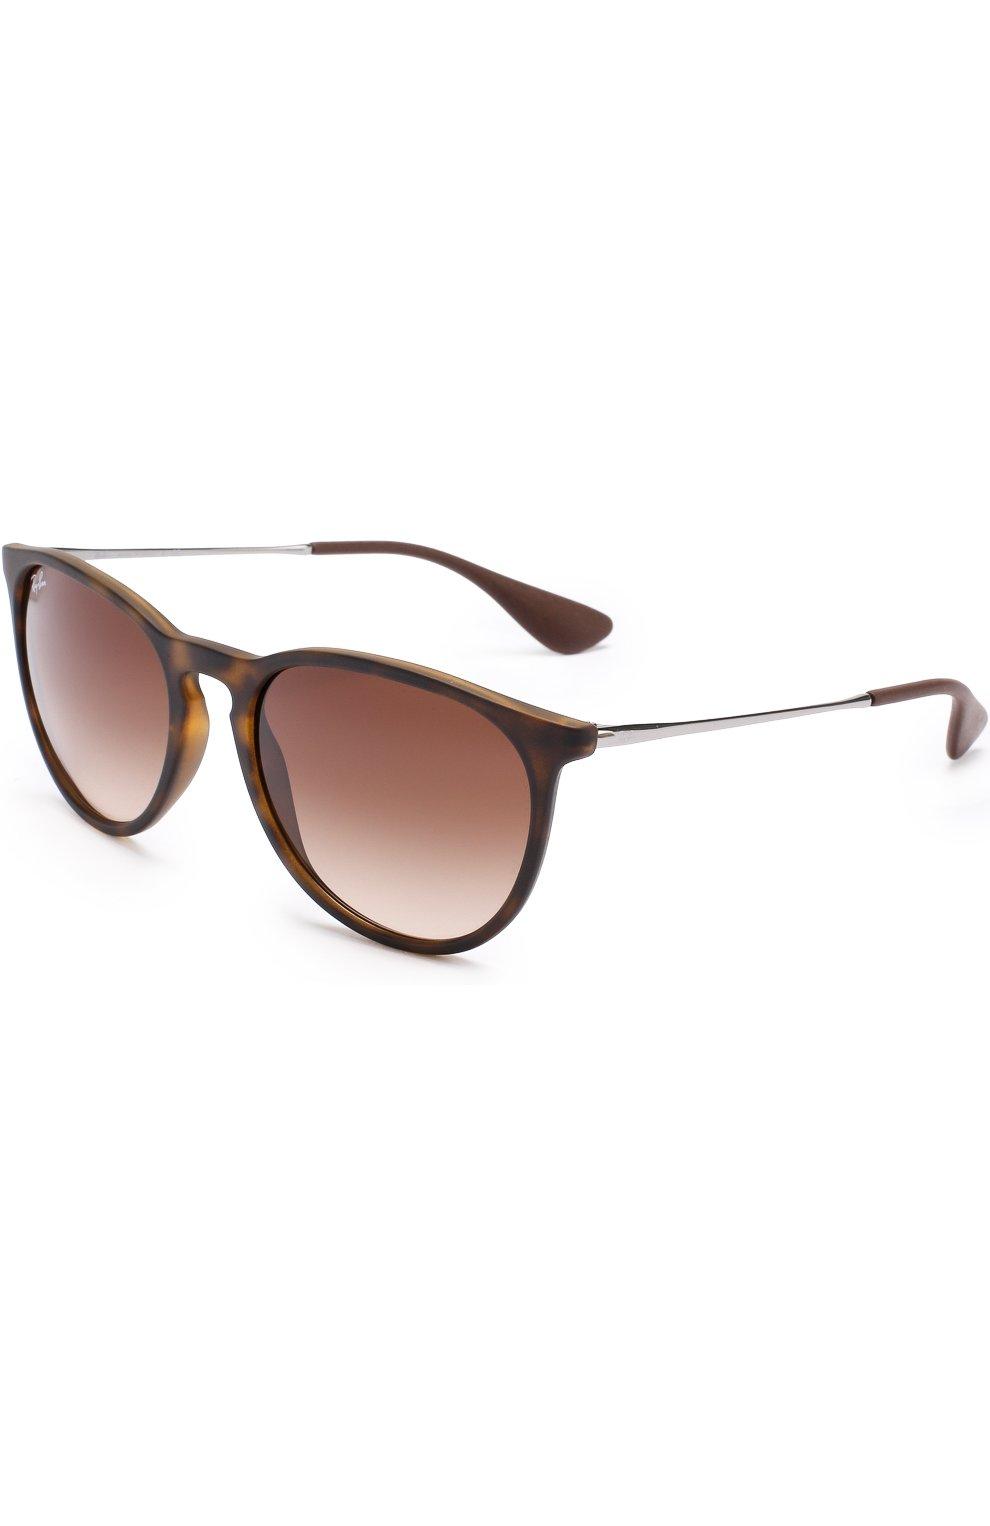 Заказать очки гуглес к дрону в самара купить очки гуглес наложенным платежом в стерлитамак